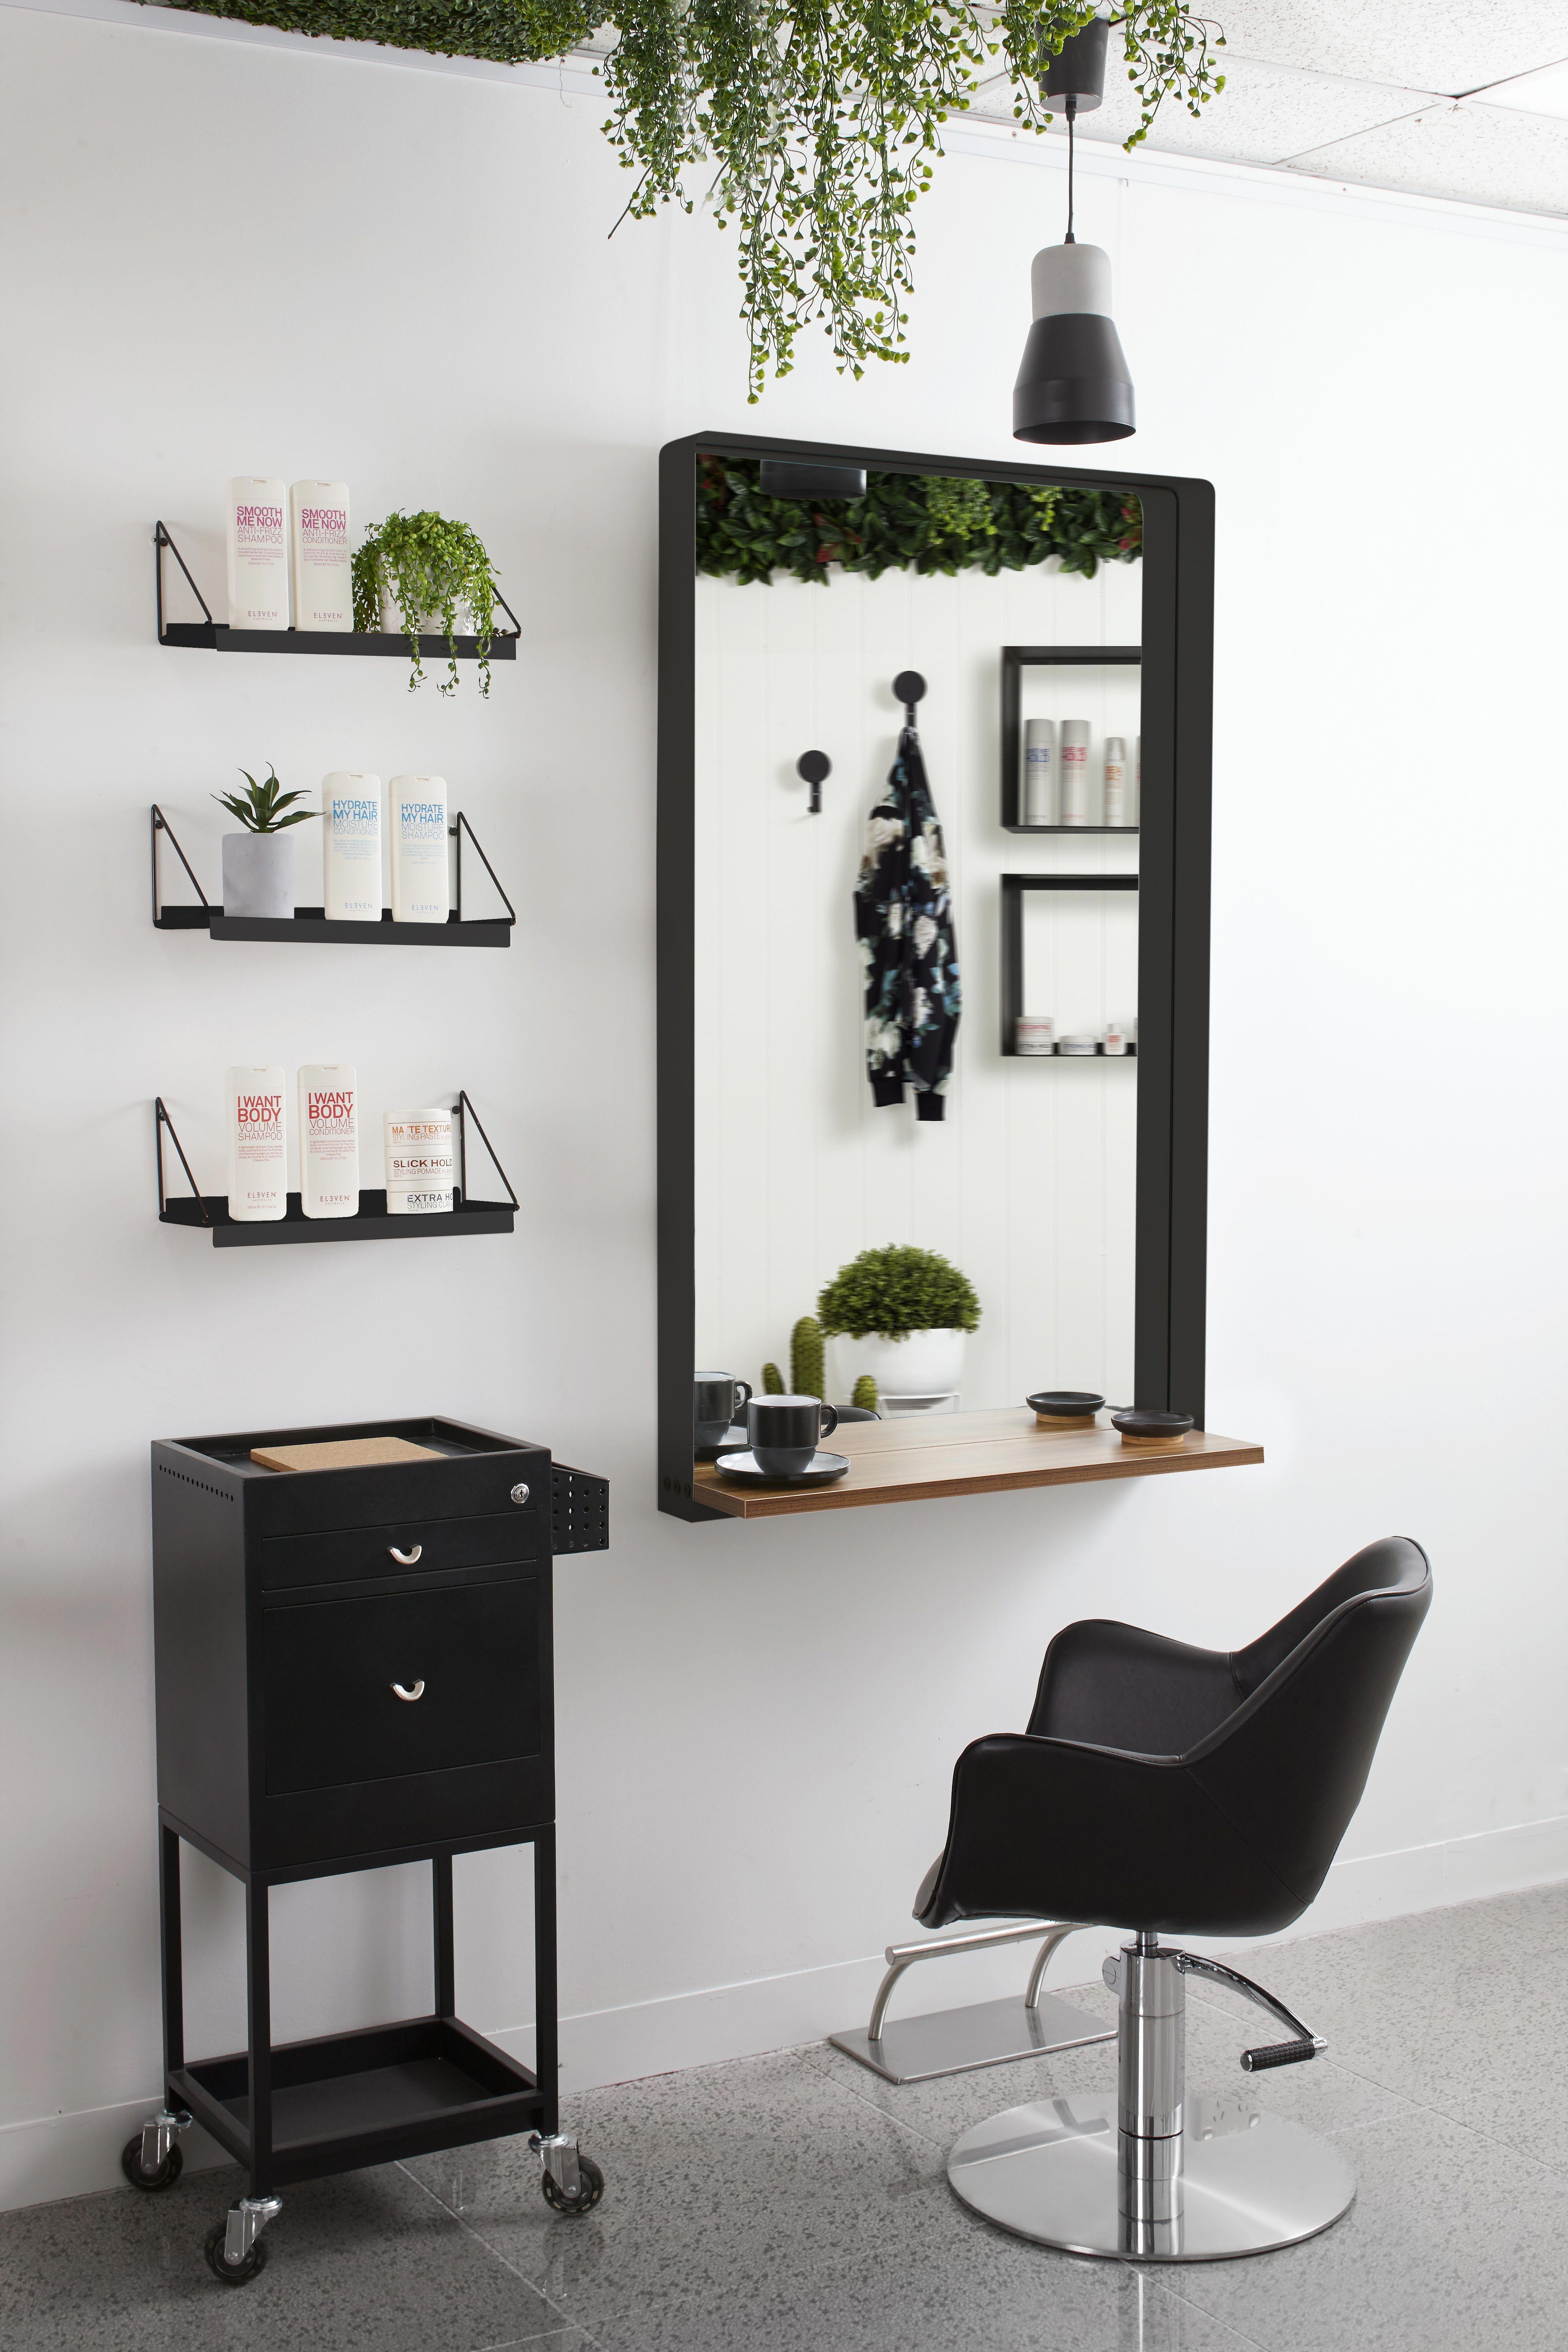 Salon Interior Design Ideas Urban Jungle Salon Furniture Collection By Comfortel Homeinteriordesign Salon Interior Design Salon Interior Hair Salon Interior